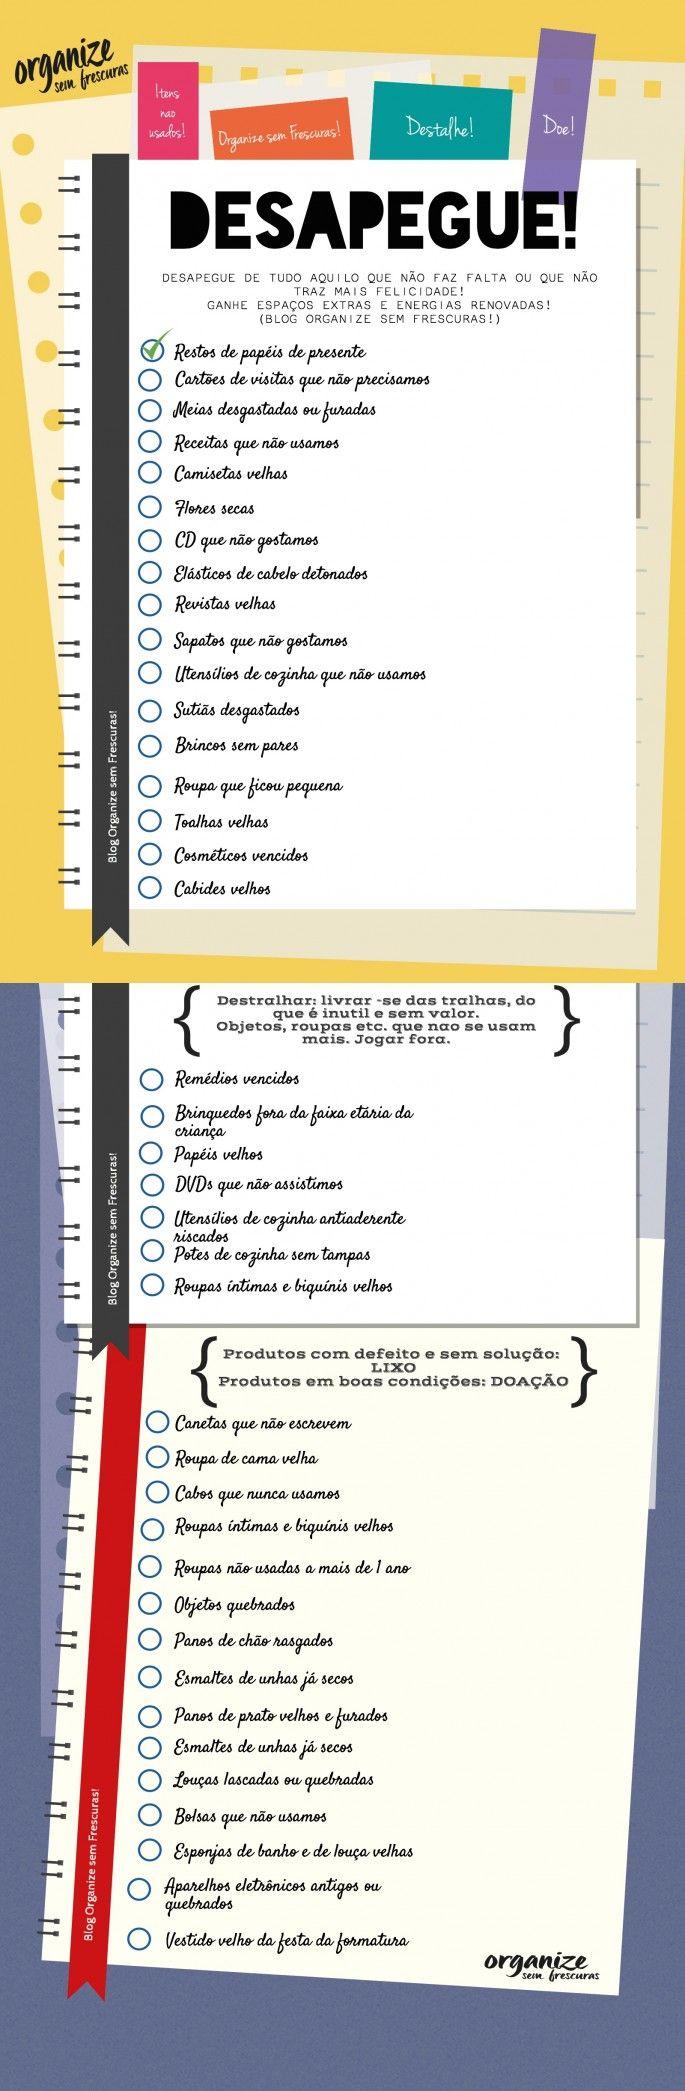 Infográfico | Desapegue de 40 coisas que você não usa mais!